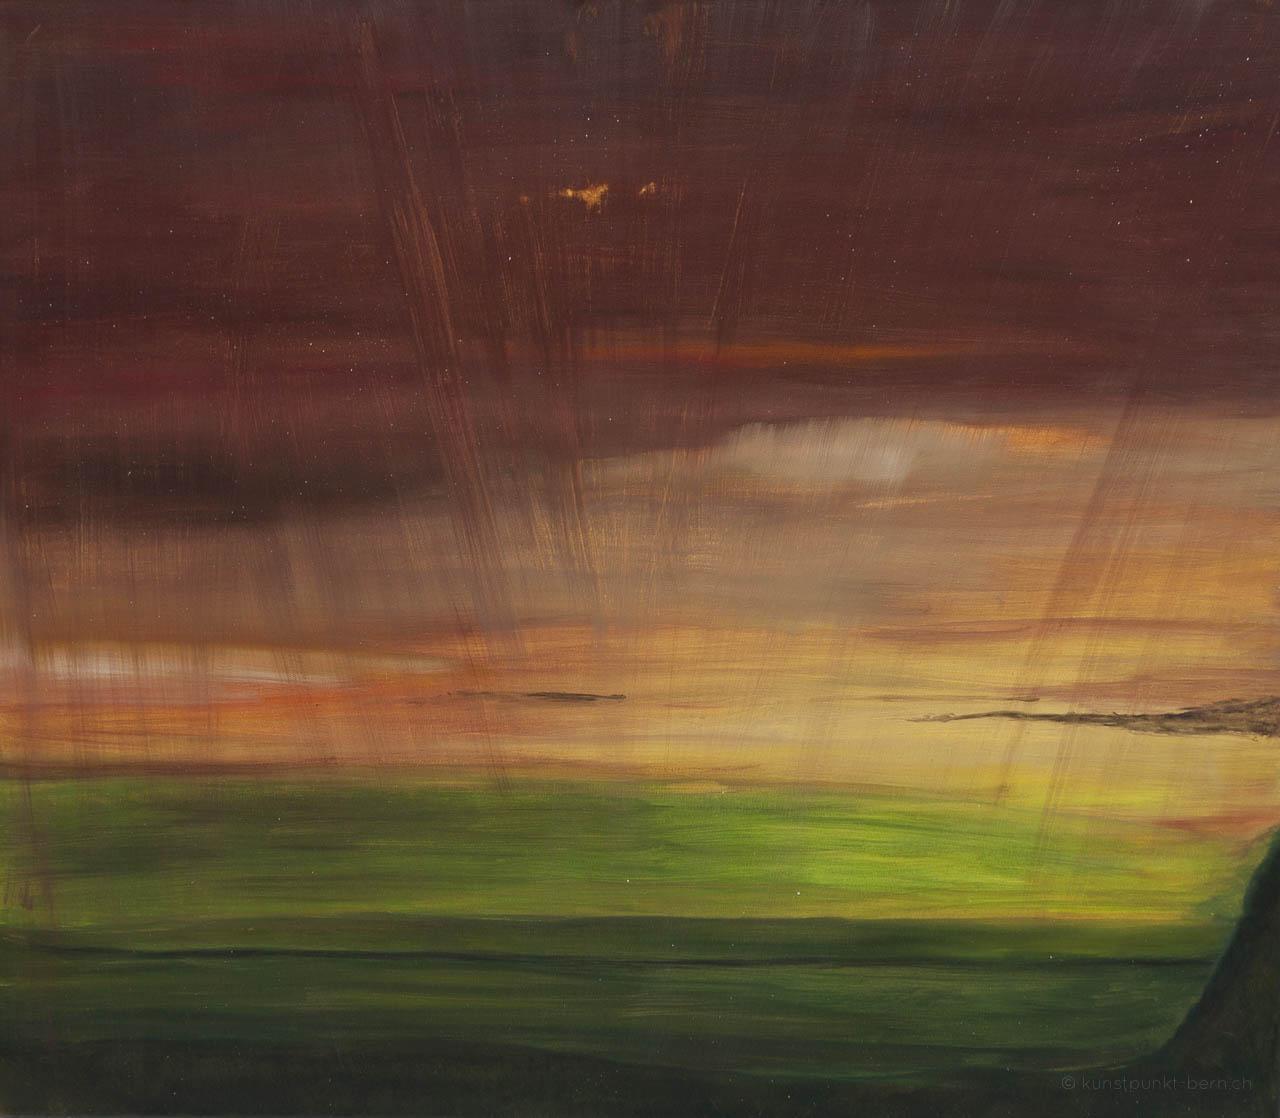 Sonnenwind im Einzug der Nacht - Acryl auf Leinwand - von Judith Kaffka - kunstpunkt-bern.ch